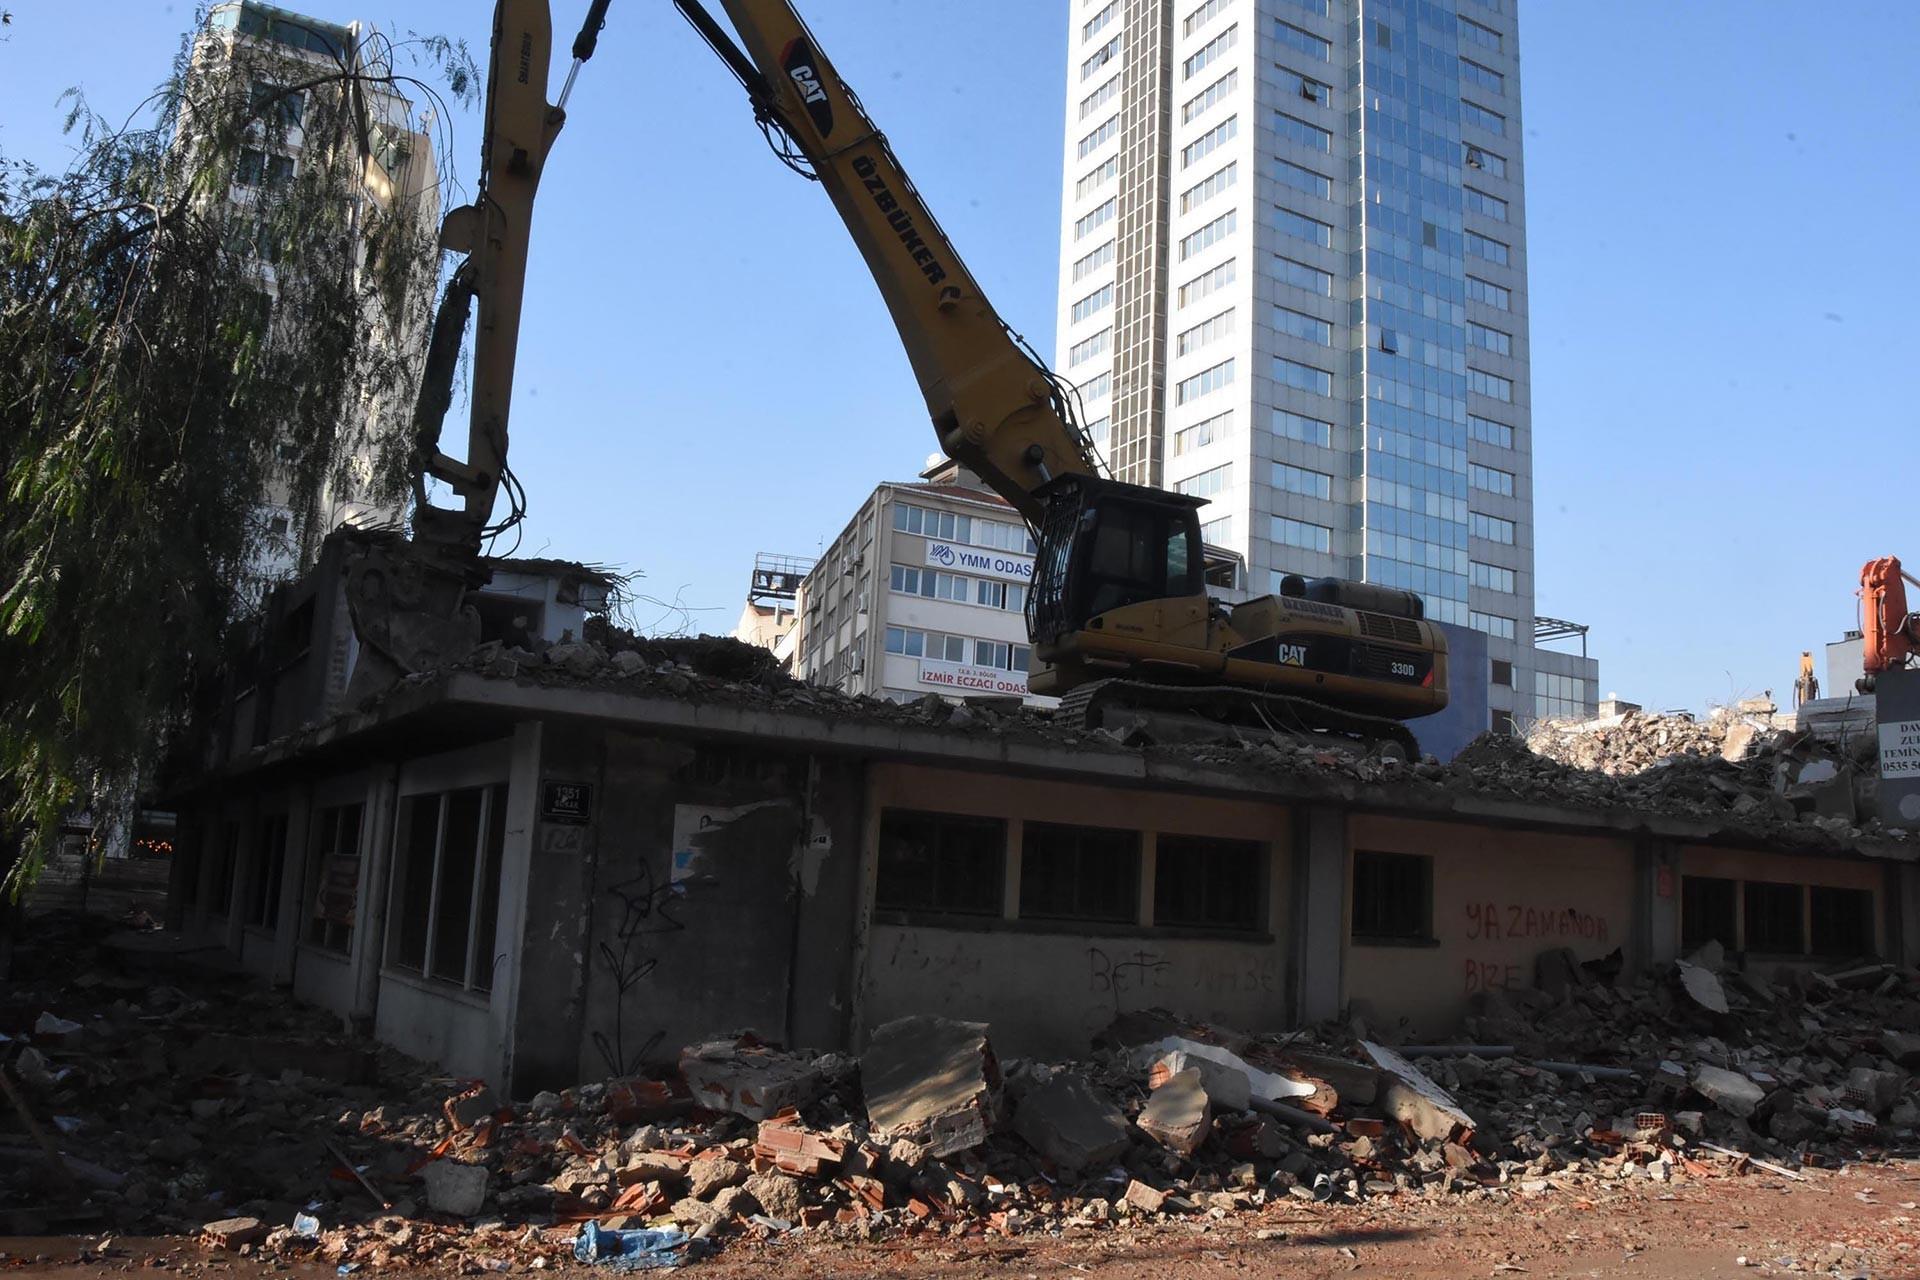 İş makinesi ile yıkılmakta olan bir gecekondu ve arkasında gözüken bir gökdelen